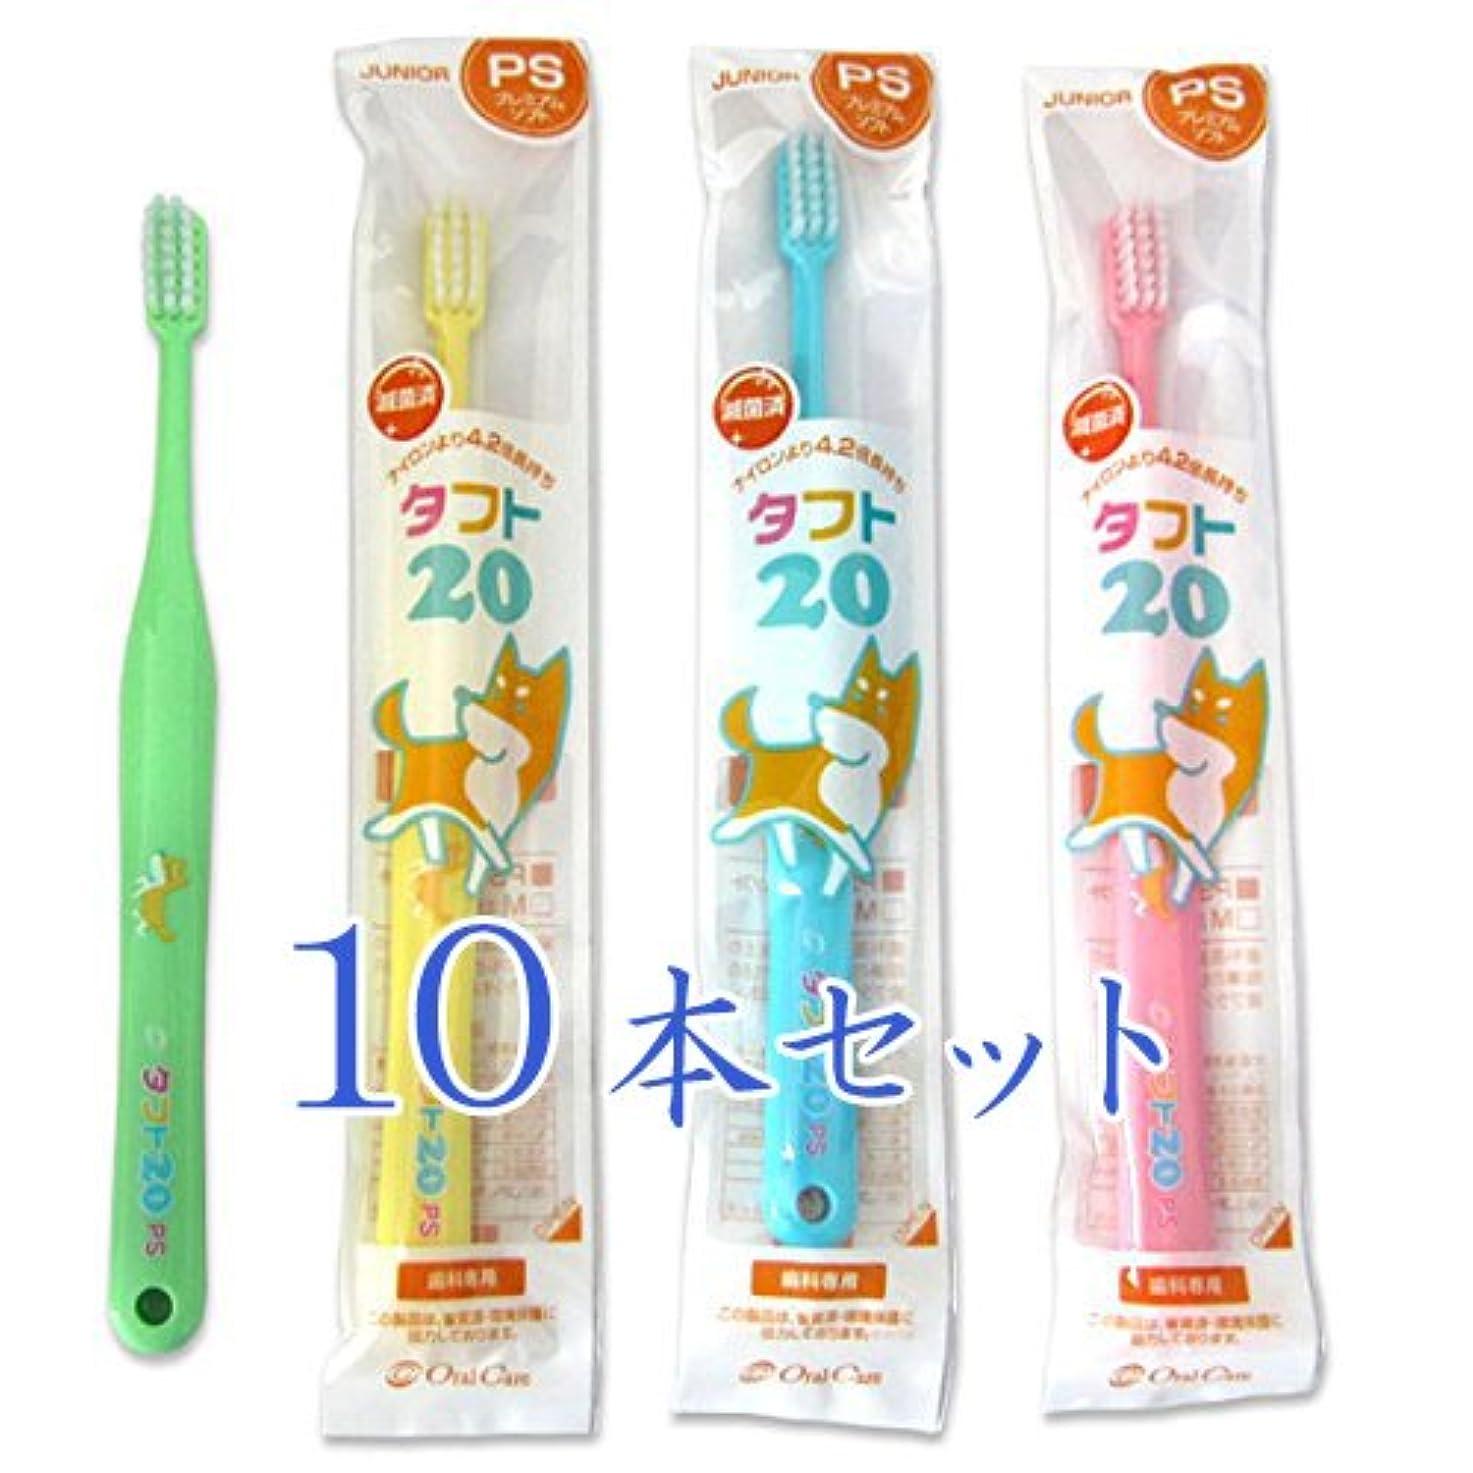 ハンバーガー瞳クレジットタフト20 PS プレミアムソフト 歯ブラシ混合歯列期用(6~12歳)×10本セット